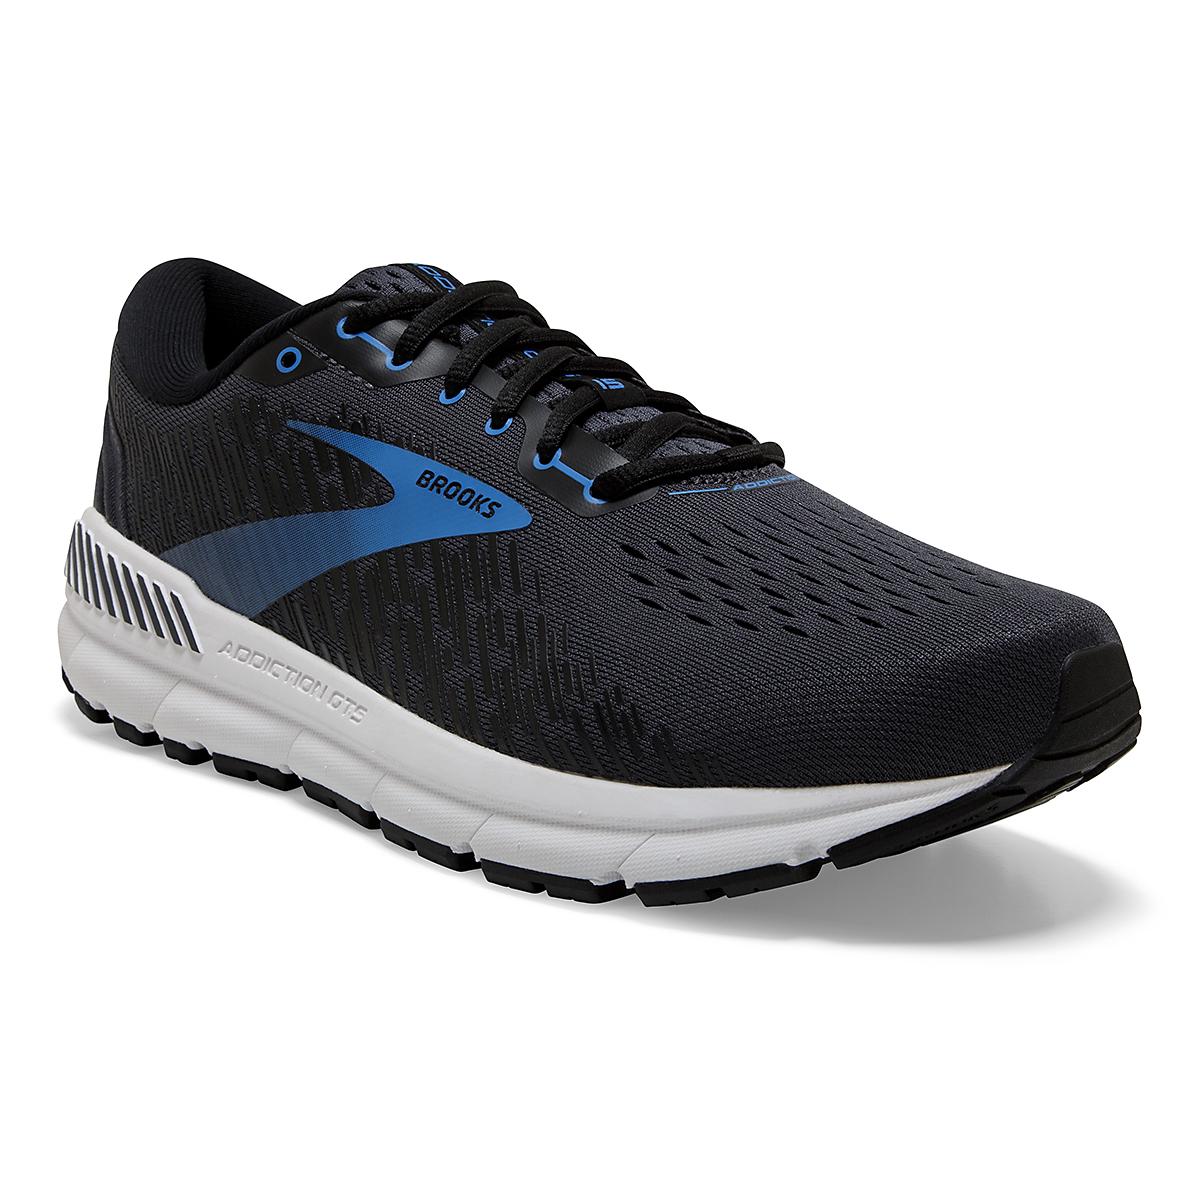 Men's Brooks Addiction GTS 15 Running Shoe - Color: India Ink/Black/Blue - Size: 7 - Width: Regular, India Ink/Black/Blue, large, image 5